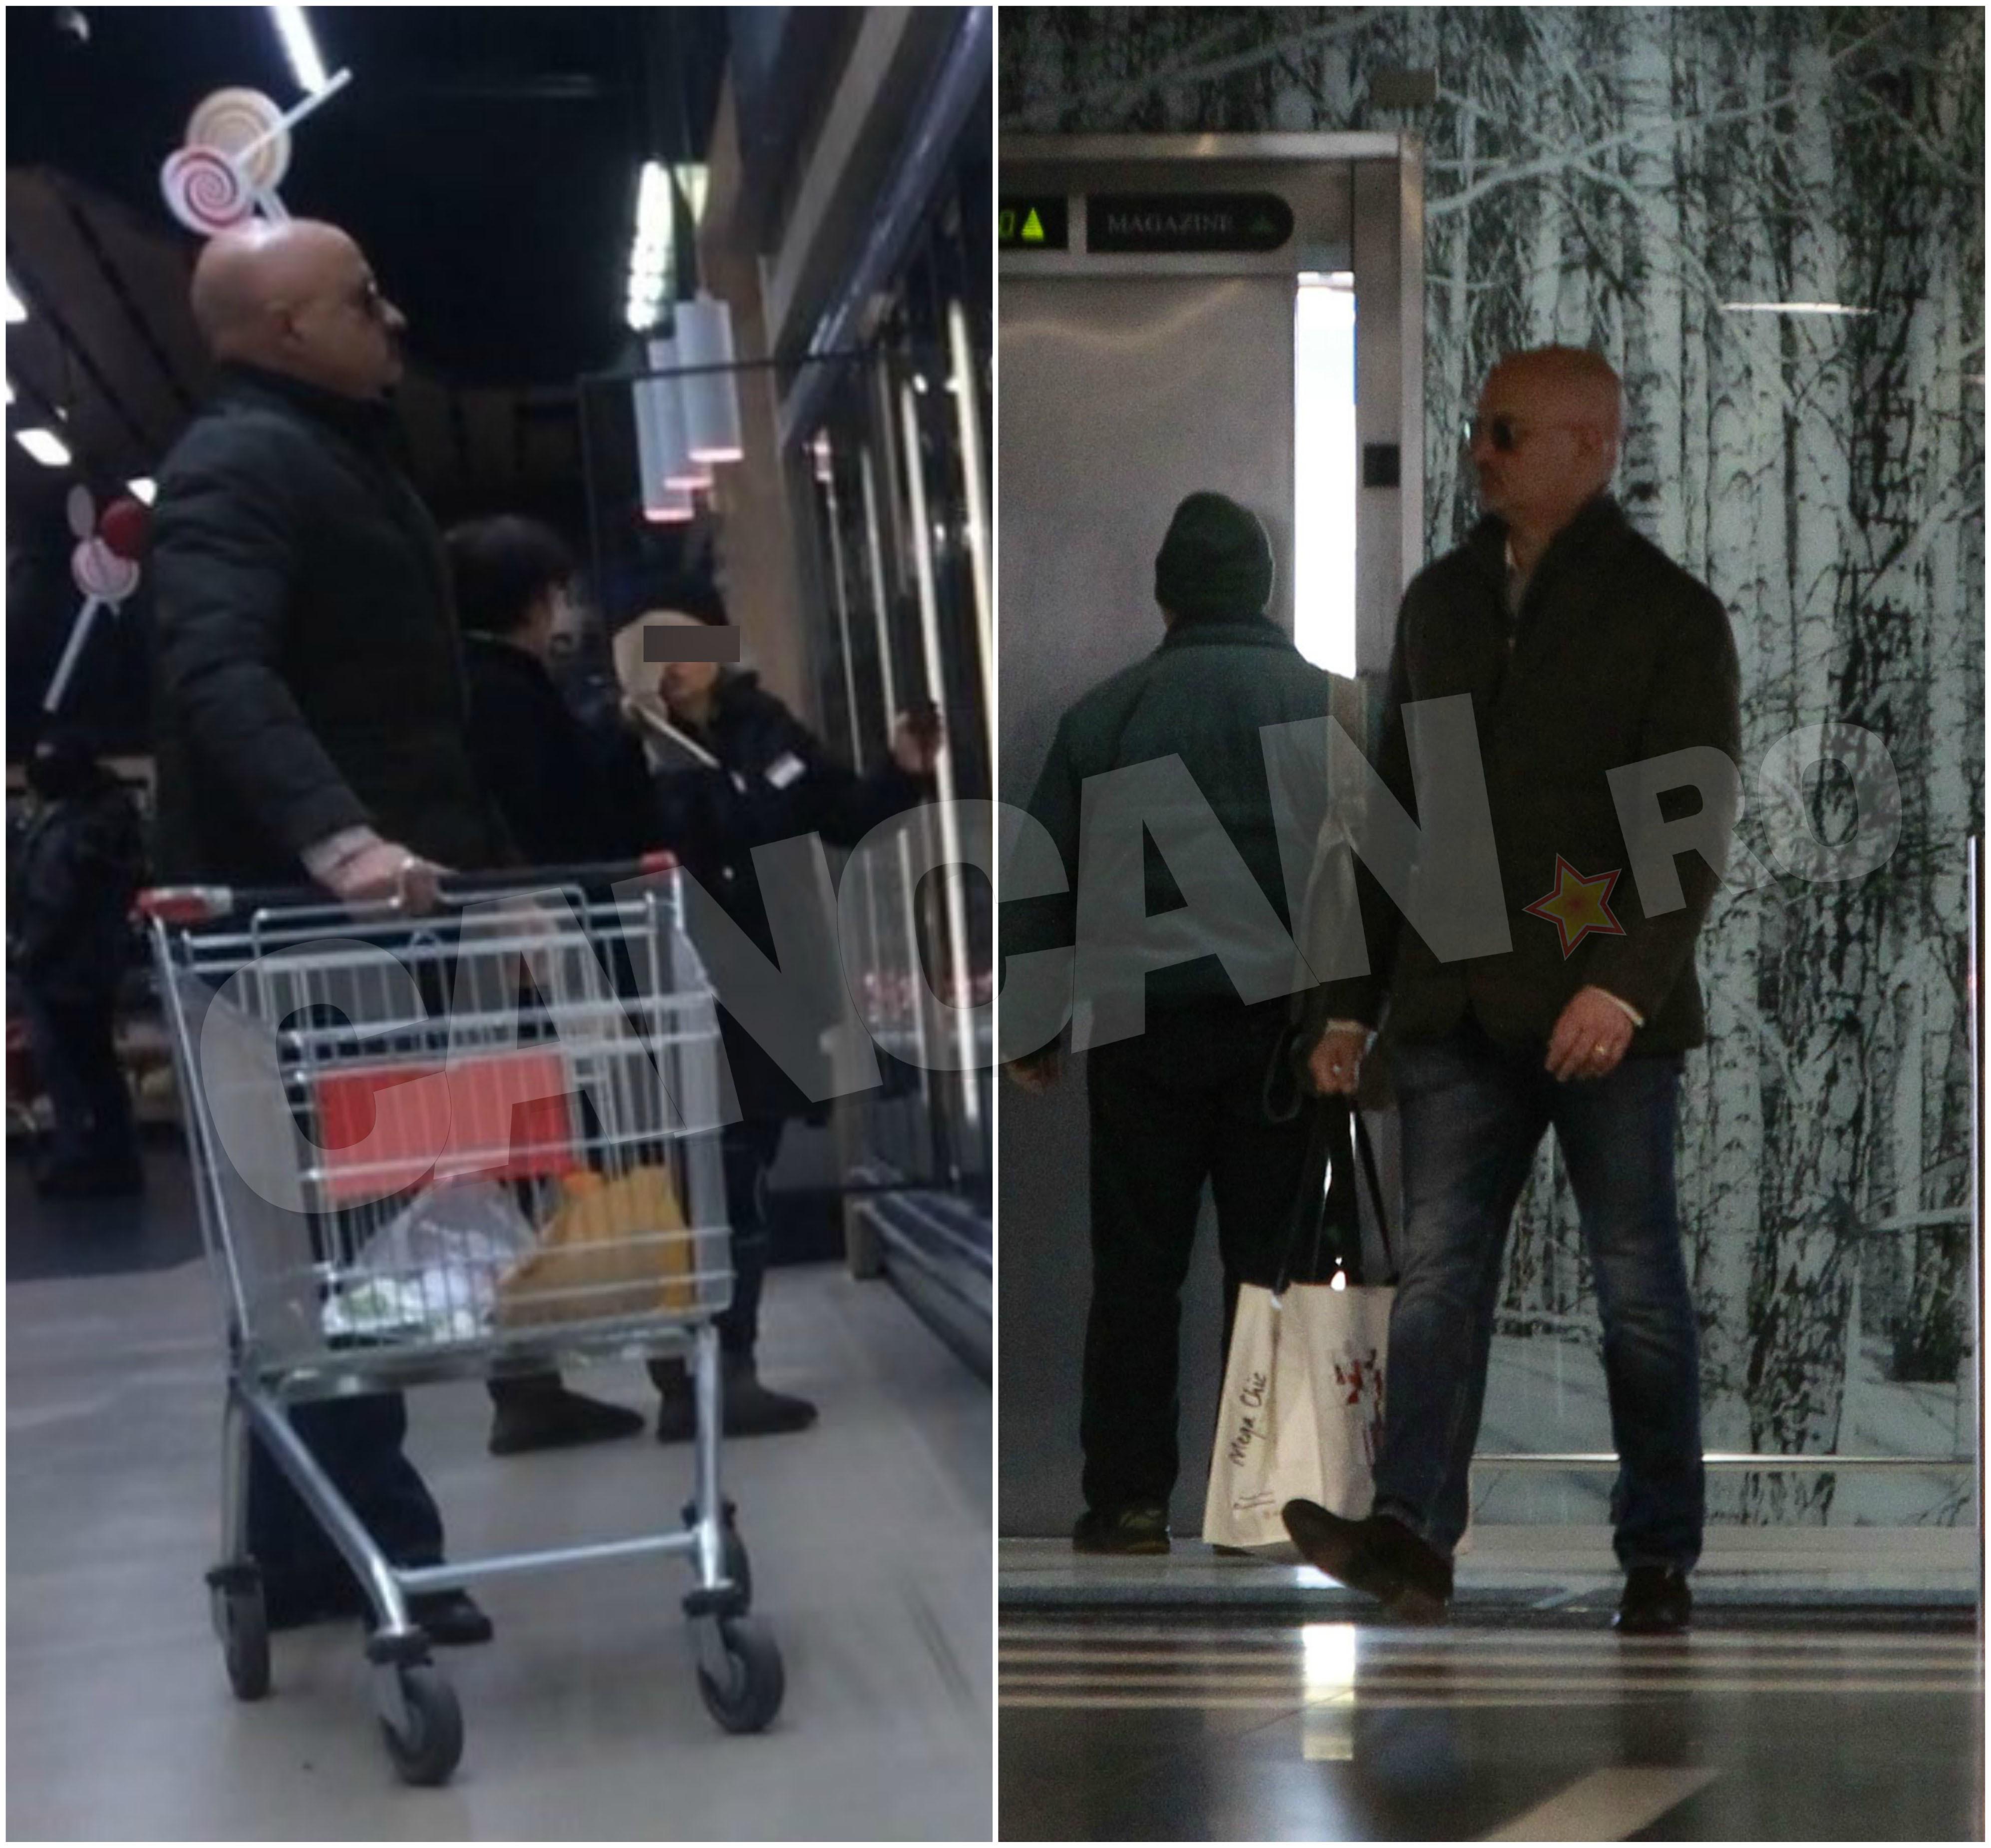 Chiar şi la cumpărături, Don Nic nu uită să-şi ia toate măsurile de precauţie pentru a se asigura că rămâne neobservat!